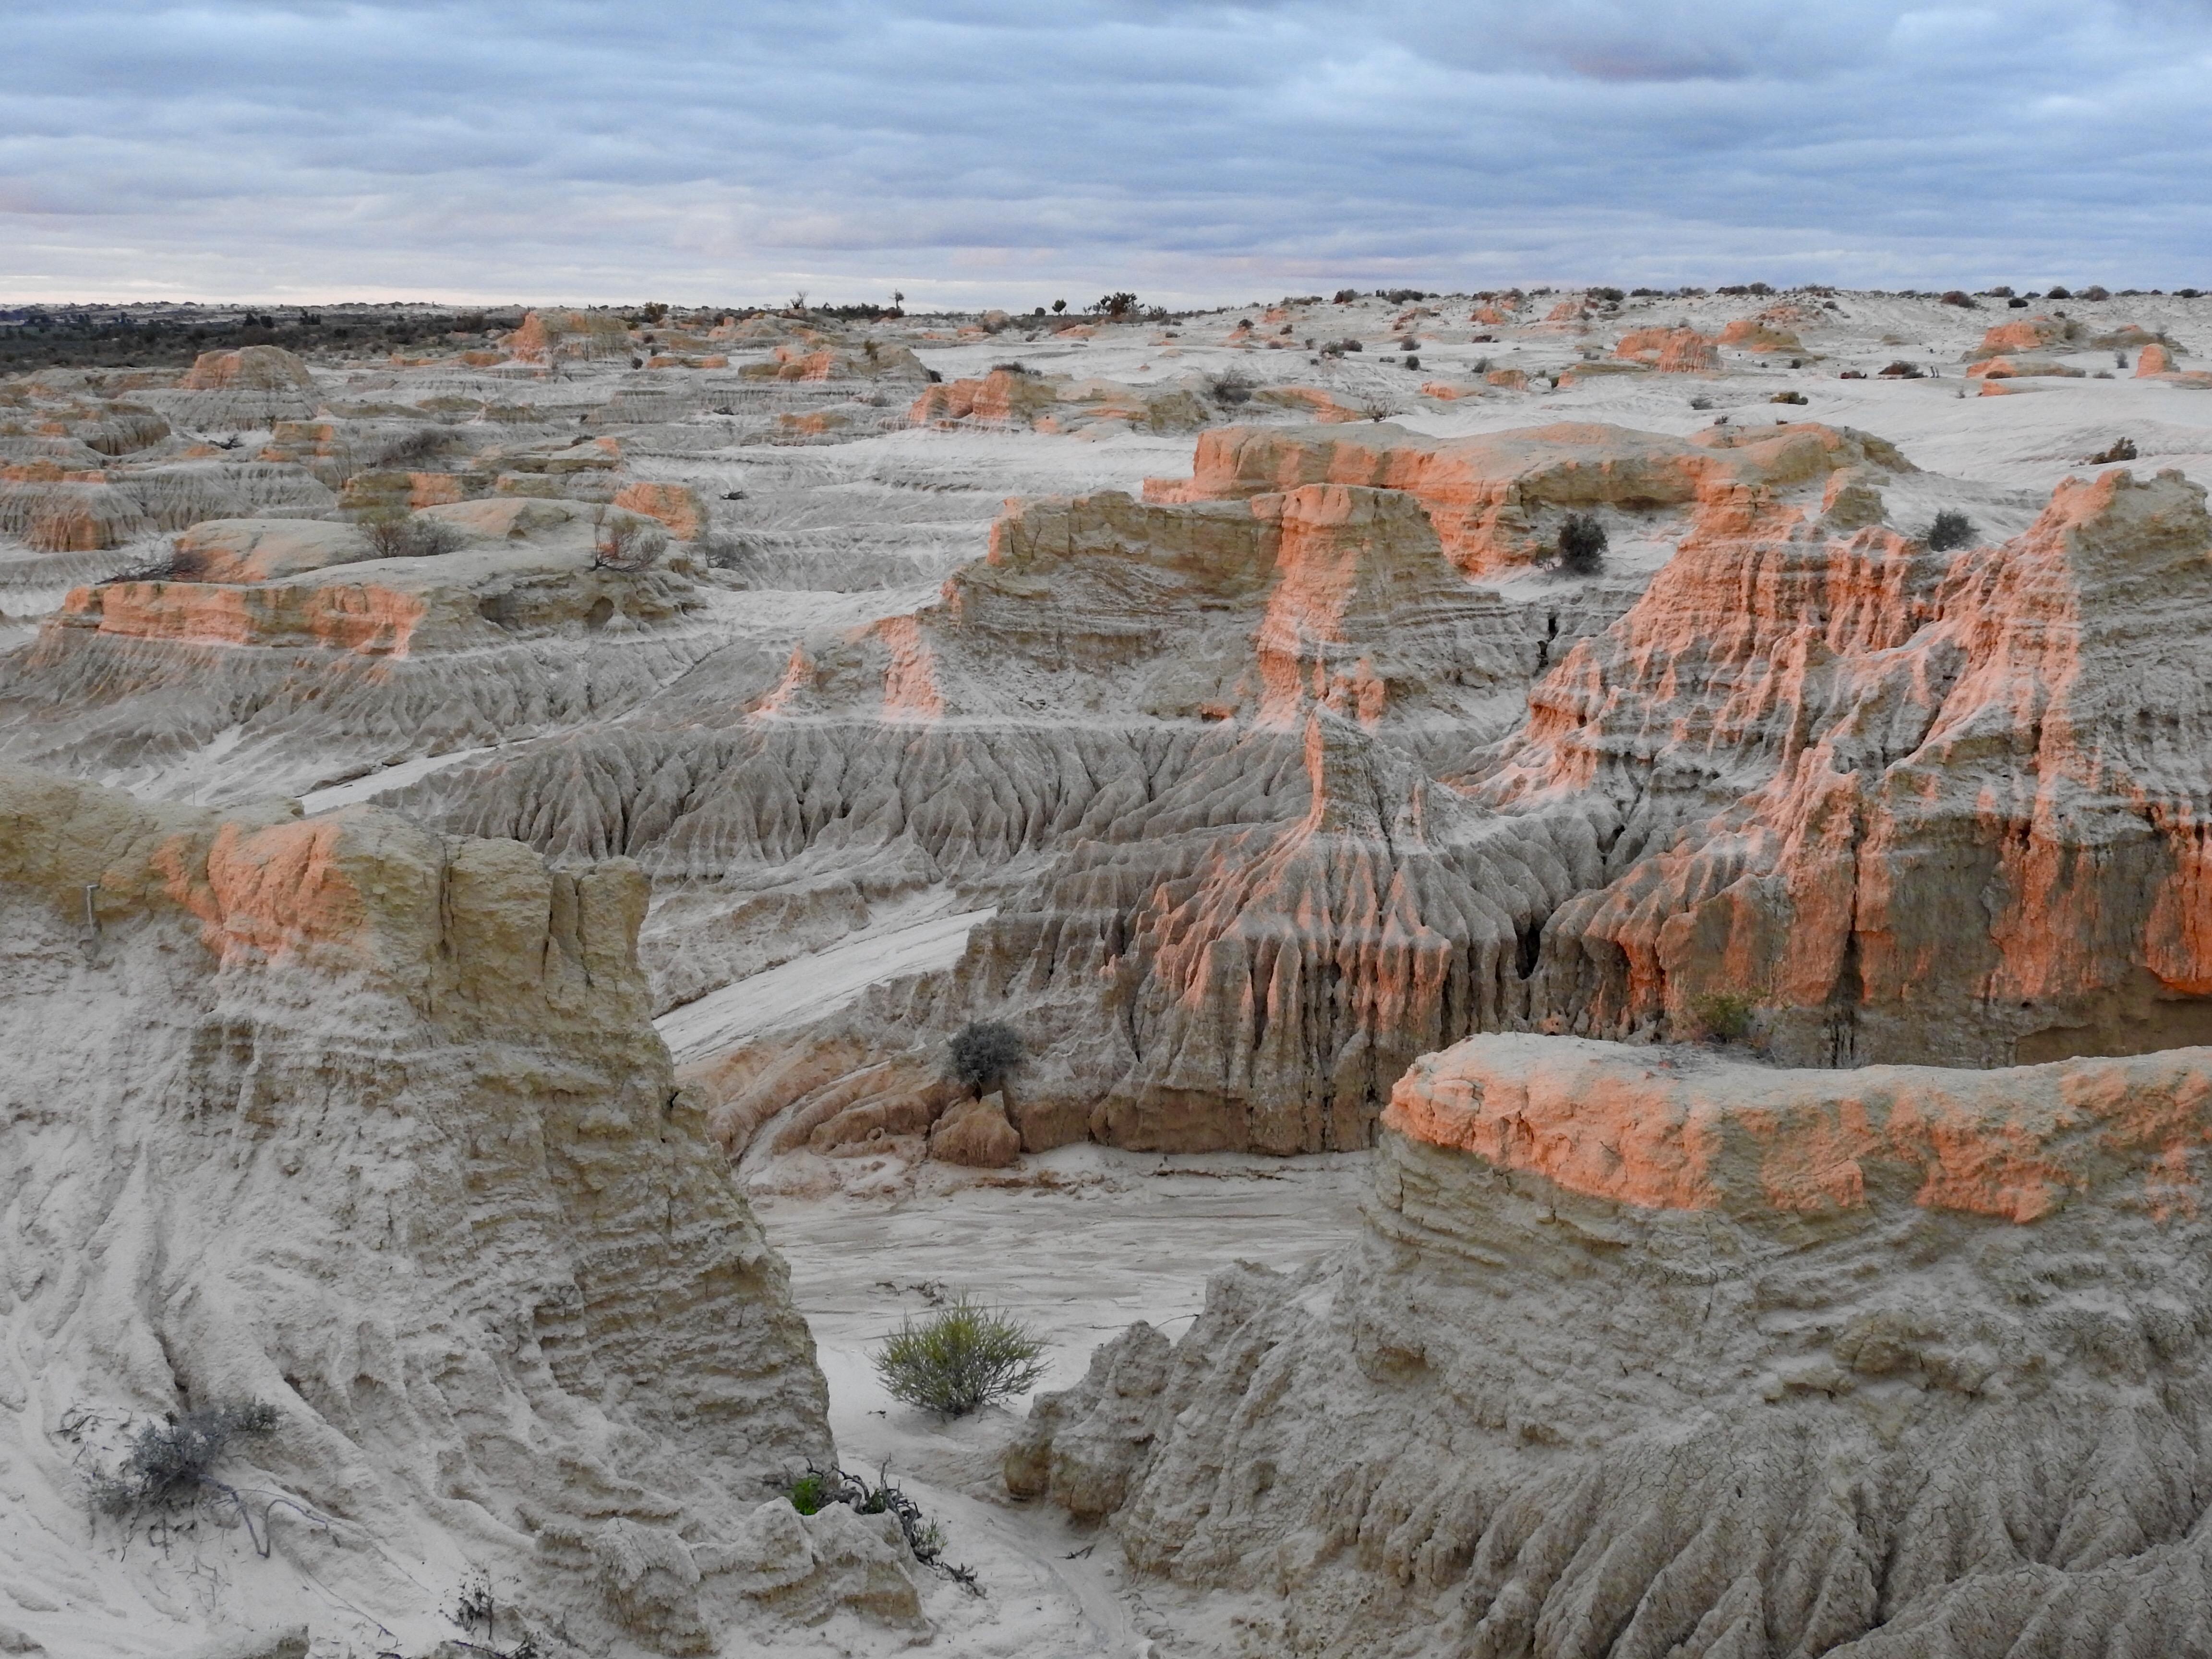 Mungo national park photo